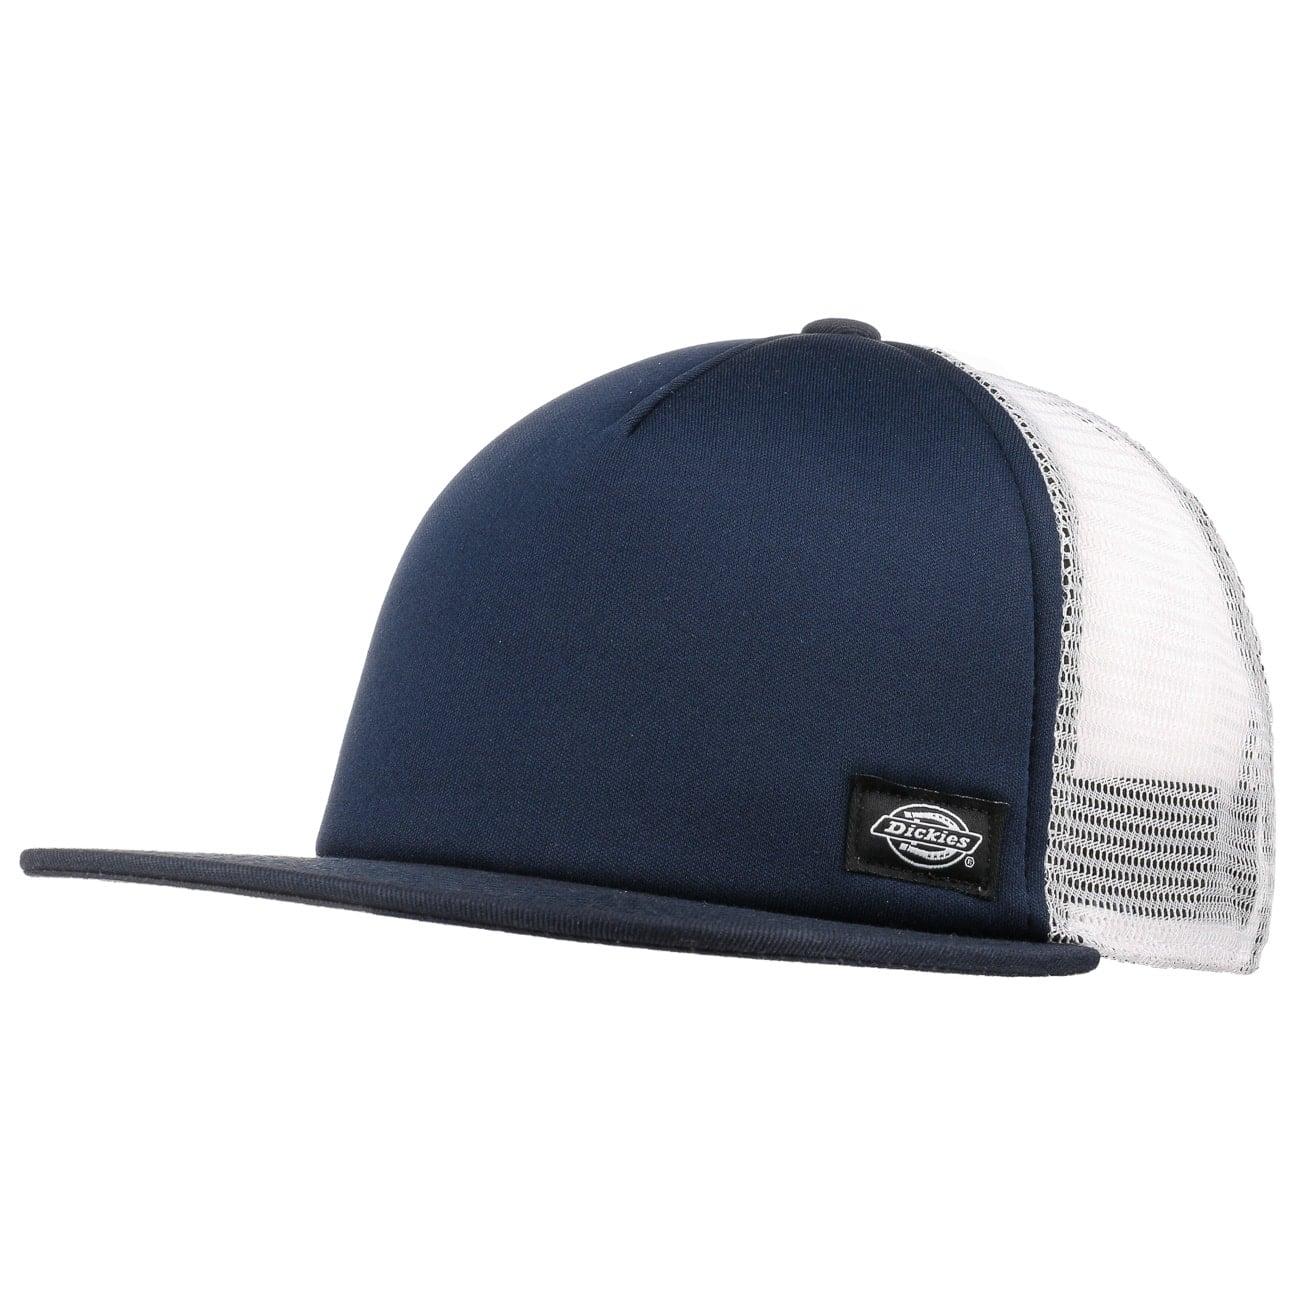 e8a719b85a7c1 Gorra Fort Jones Flatbrim Cap by Dickies - Gorras - sombreroshop.es